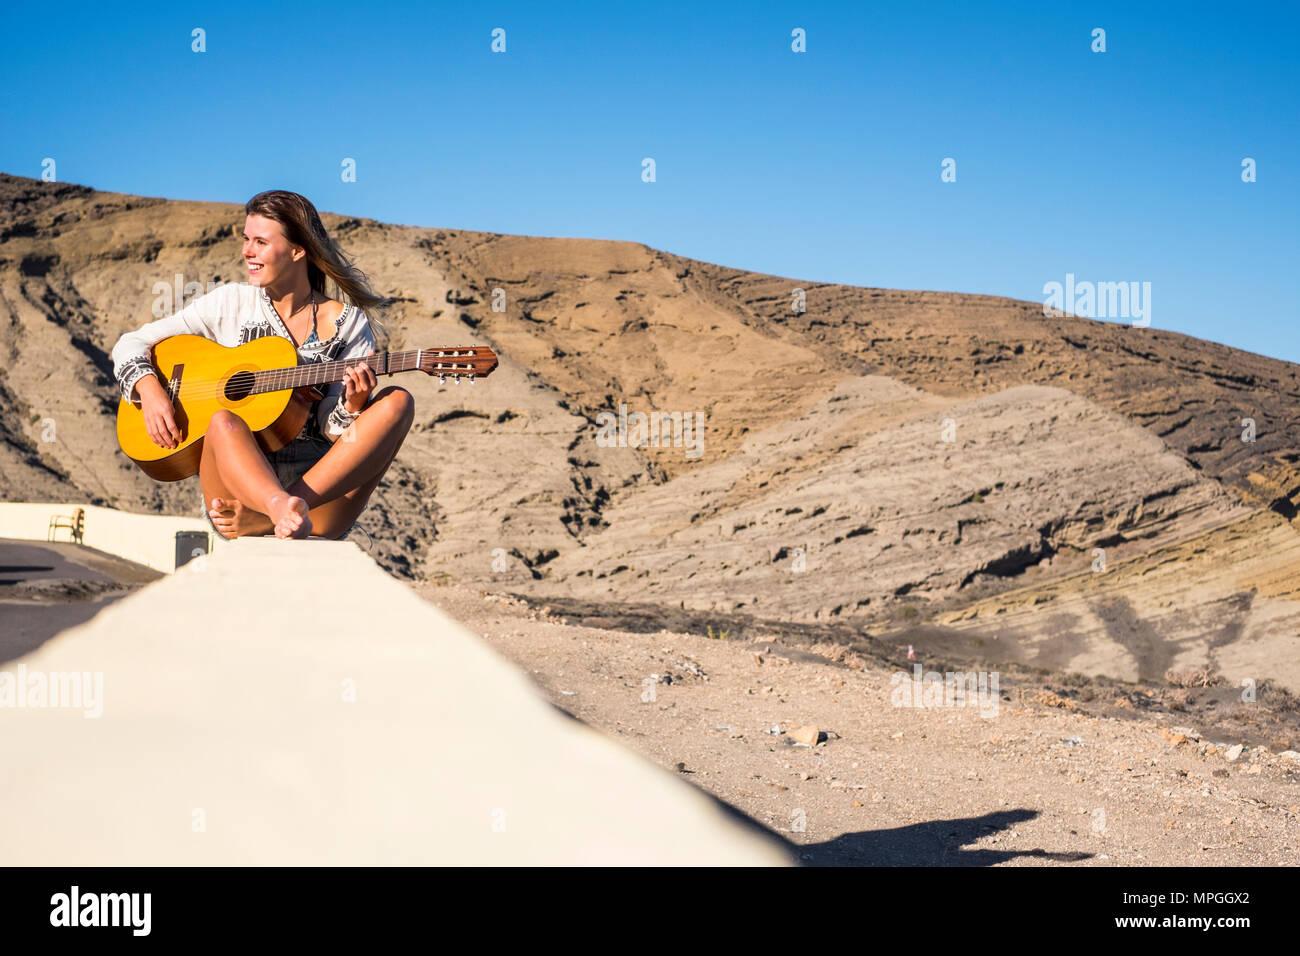 Mordiller et style de concept pour modèle blonde woman smiling piscine avec des montagnes en arrière-plan et de jouer une vieille guitare acoustique Photo Stock